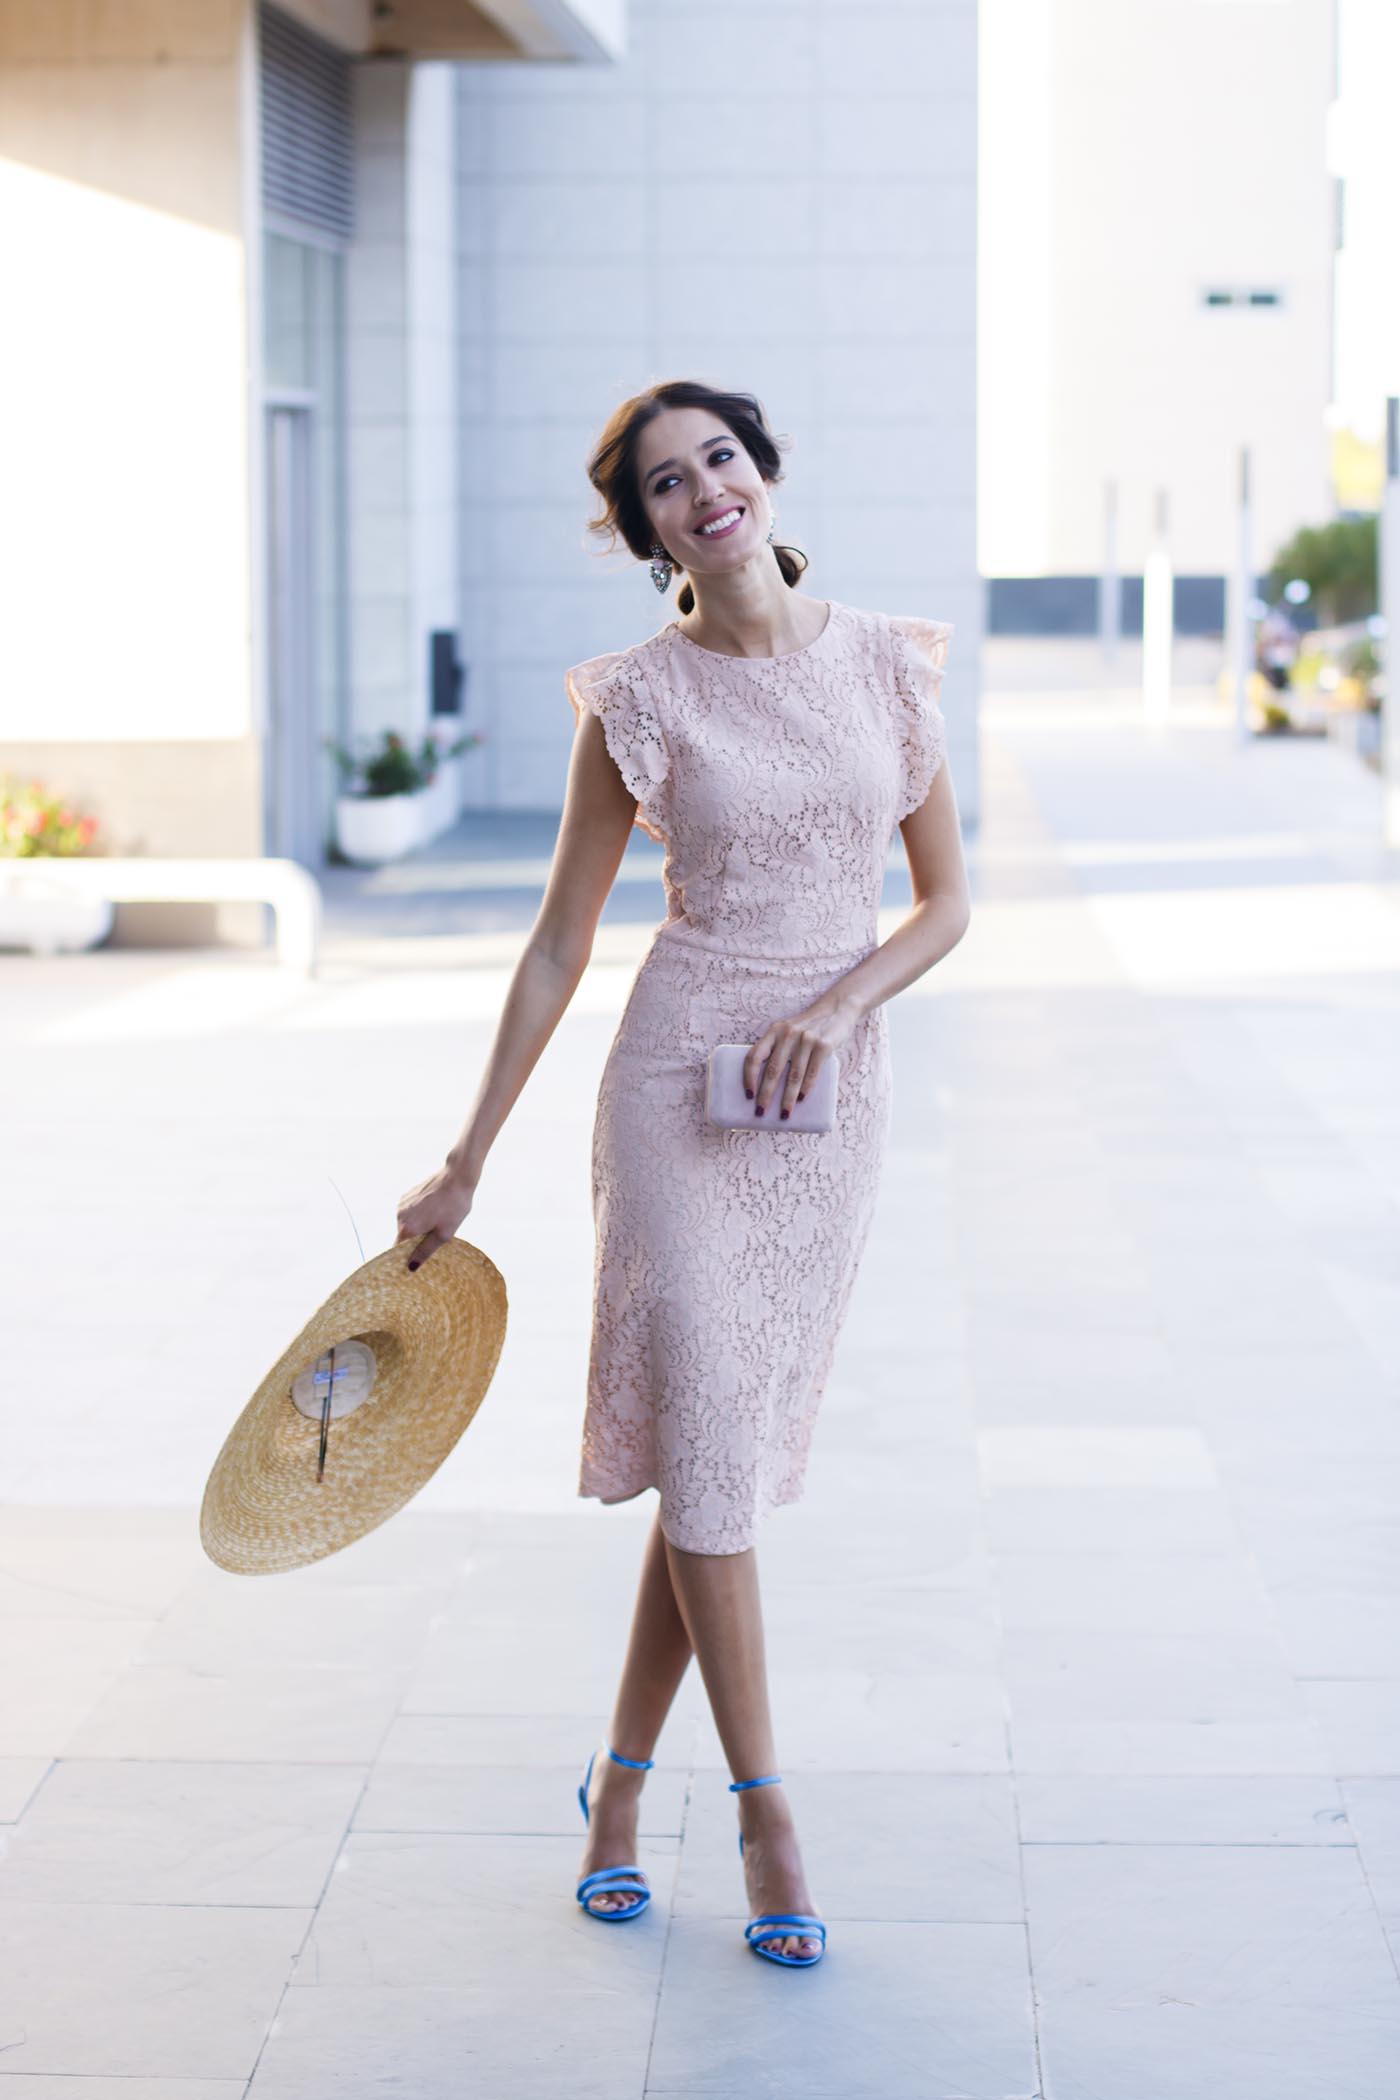 9abcff504 Look invitada perfecta lowcost Zara con vestido de encaje rosa y ...